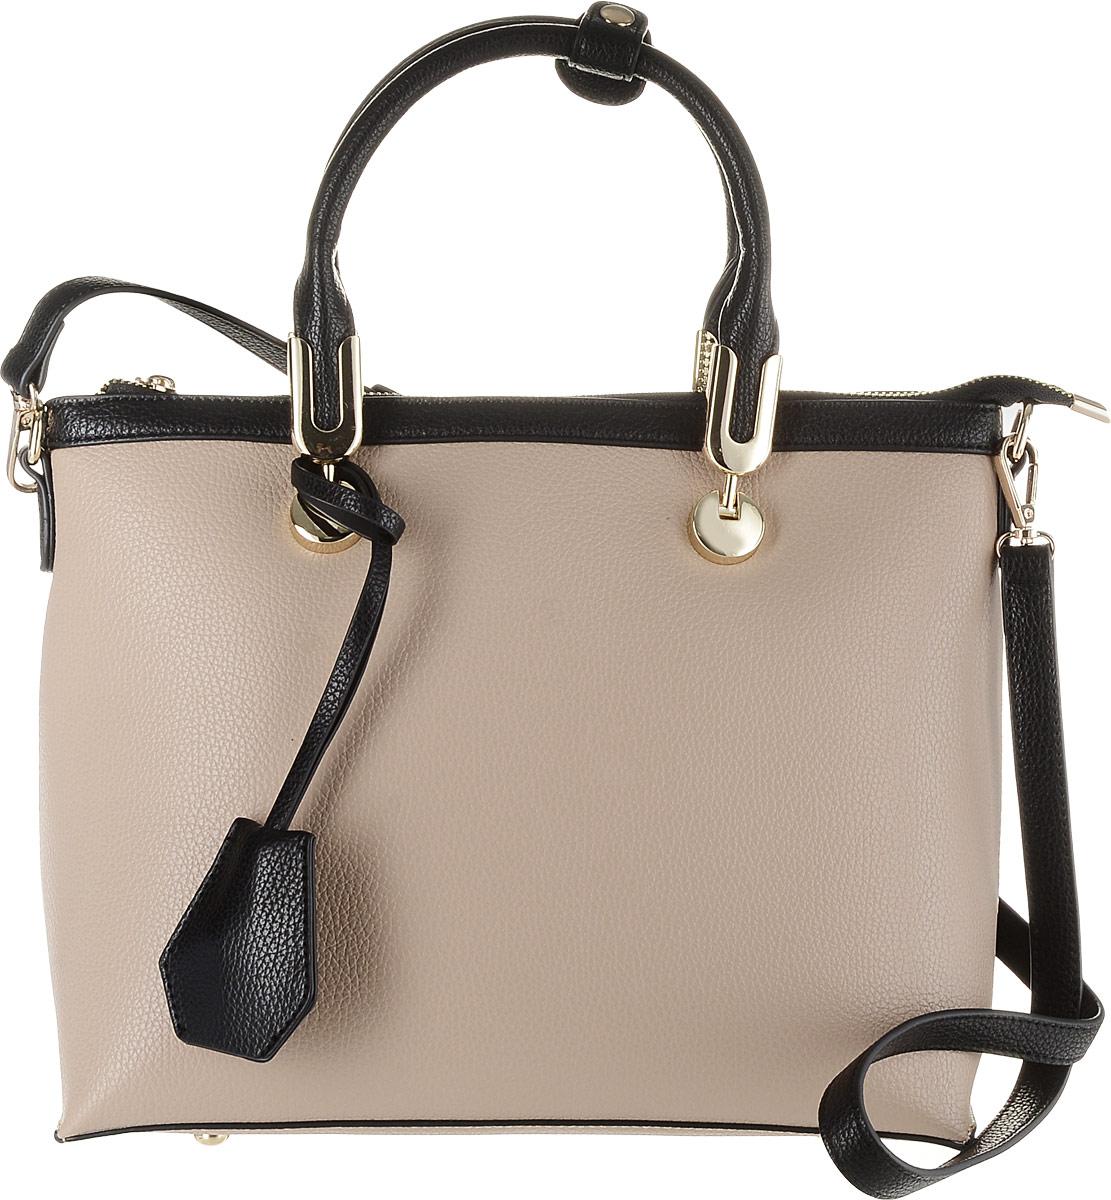 Сумка женская Flioraj, цвет: черный, бежевый. 00053354-1700053354-17Классическая женская сумка Flioraj выполнена в пастельных тонах из высококачественной экокожи. Изделие содержит одно отделение и закрывается на застежку-молнию. Внутри находится прорезной карман на застежке-молнии и два накладных открытых кармана. Снаружи, на задней стенке размещен прорезной карман на застежке-молнии. Сумка дополнена подвеской и оформлена металлической фурнитурой. Модель оснащена двумя удобными ручками средней высоты. Дно сумки дополнено металлическими ножками. В комплект входит съемный плечевой ремень, который регулируется по длине.